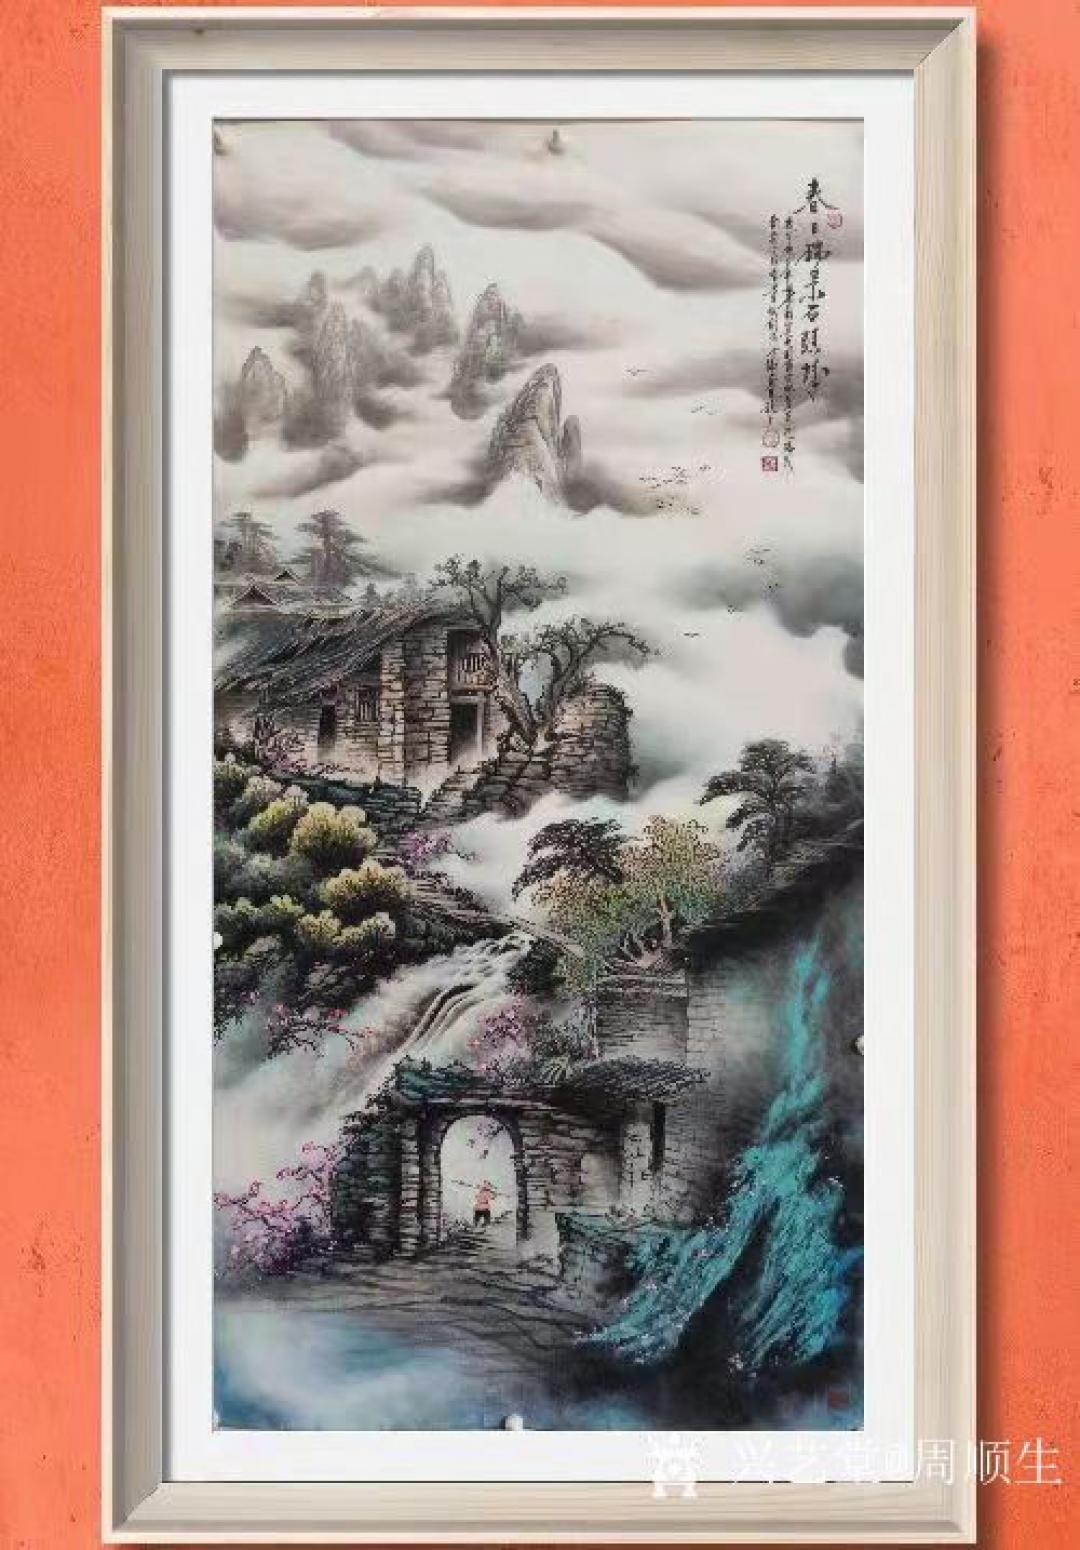 周顺生国画作品《四尺春瑞石头城》【图1】